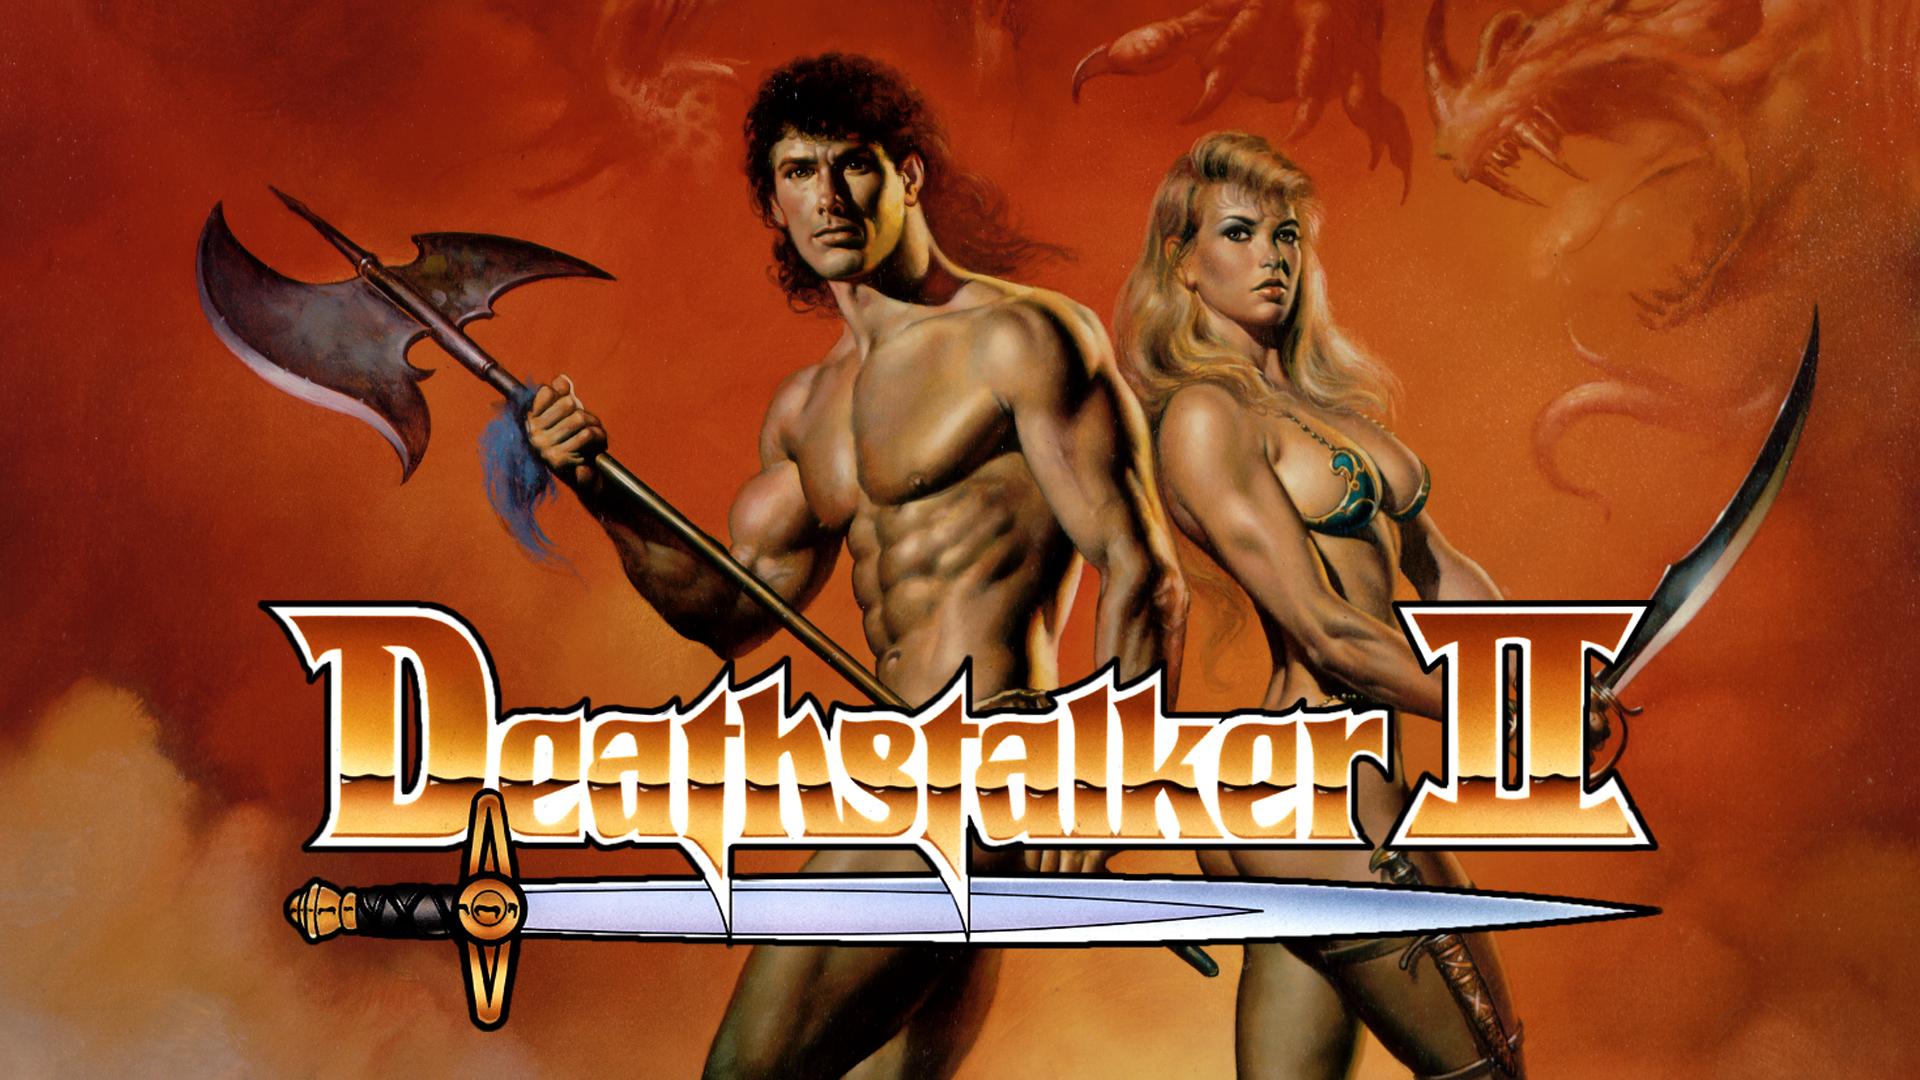 Deathstalker II